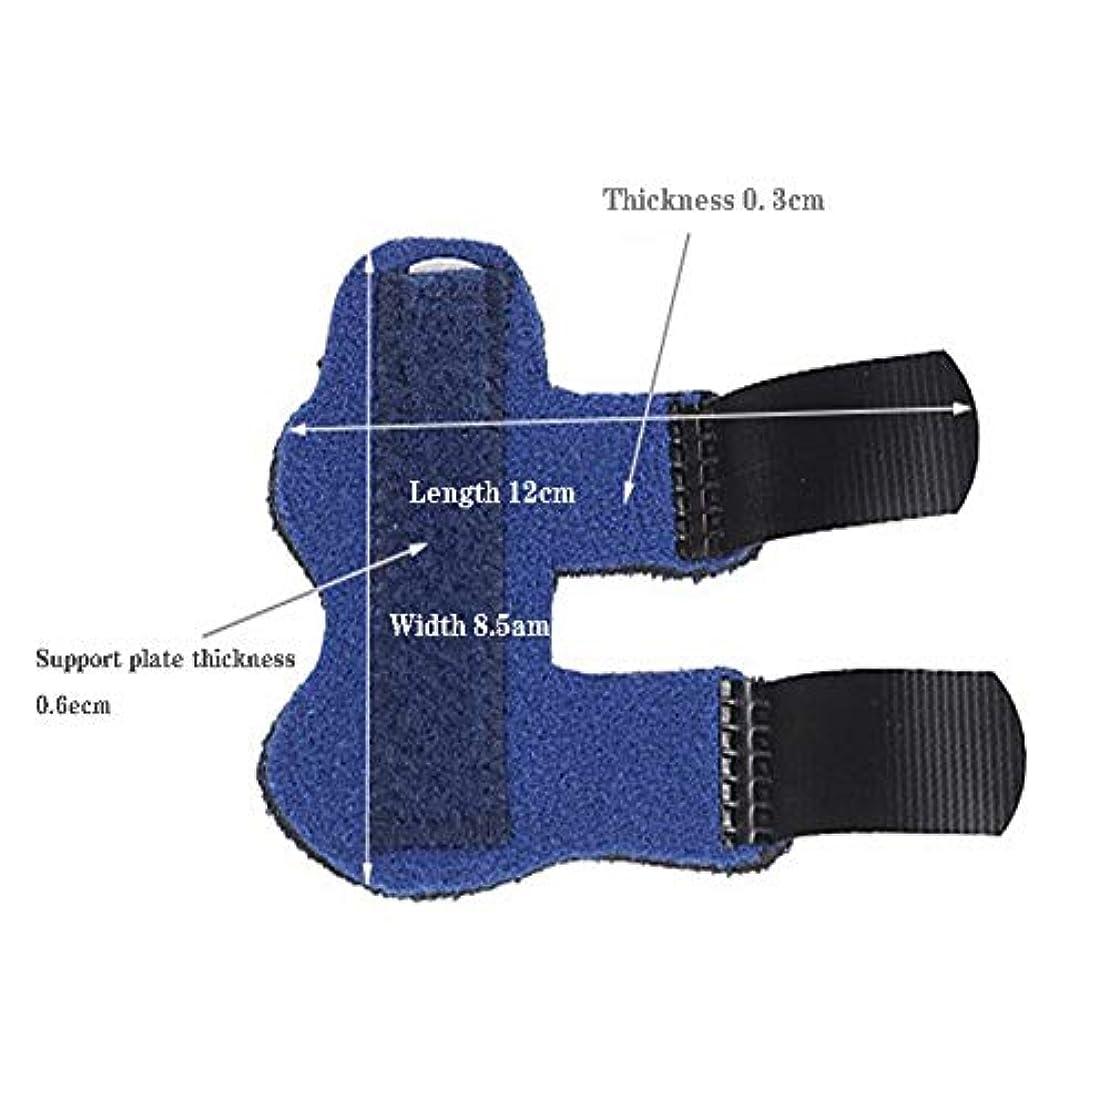 パンチ耐久ベギン痛みのための親指スピカサポートブレース - フィンガースプリント、リバーシブル親指スタビライザー、関節炎サムスプリント (Color : 青)